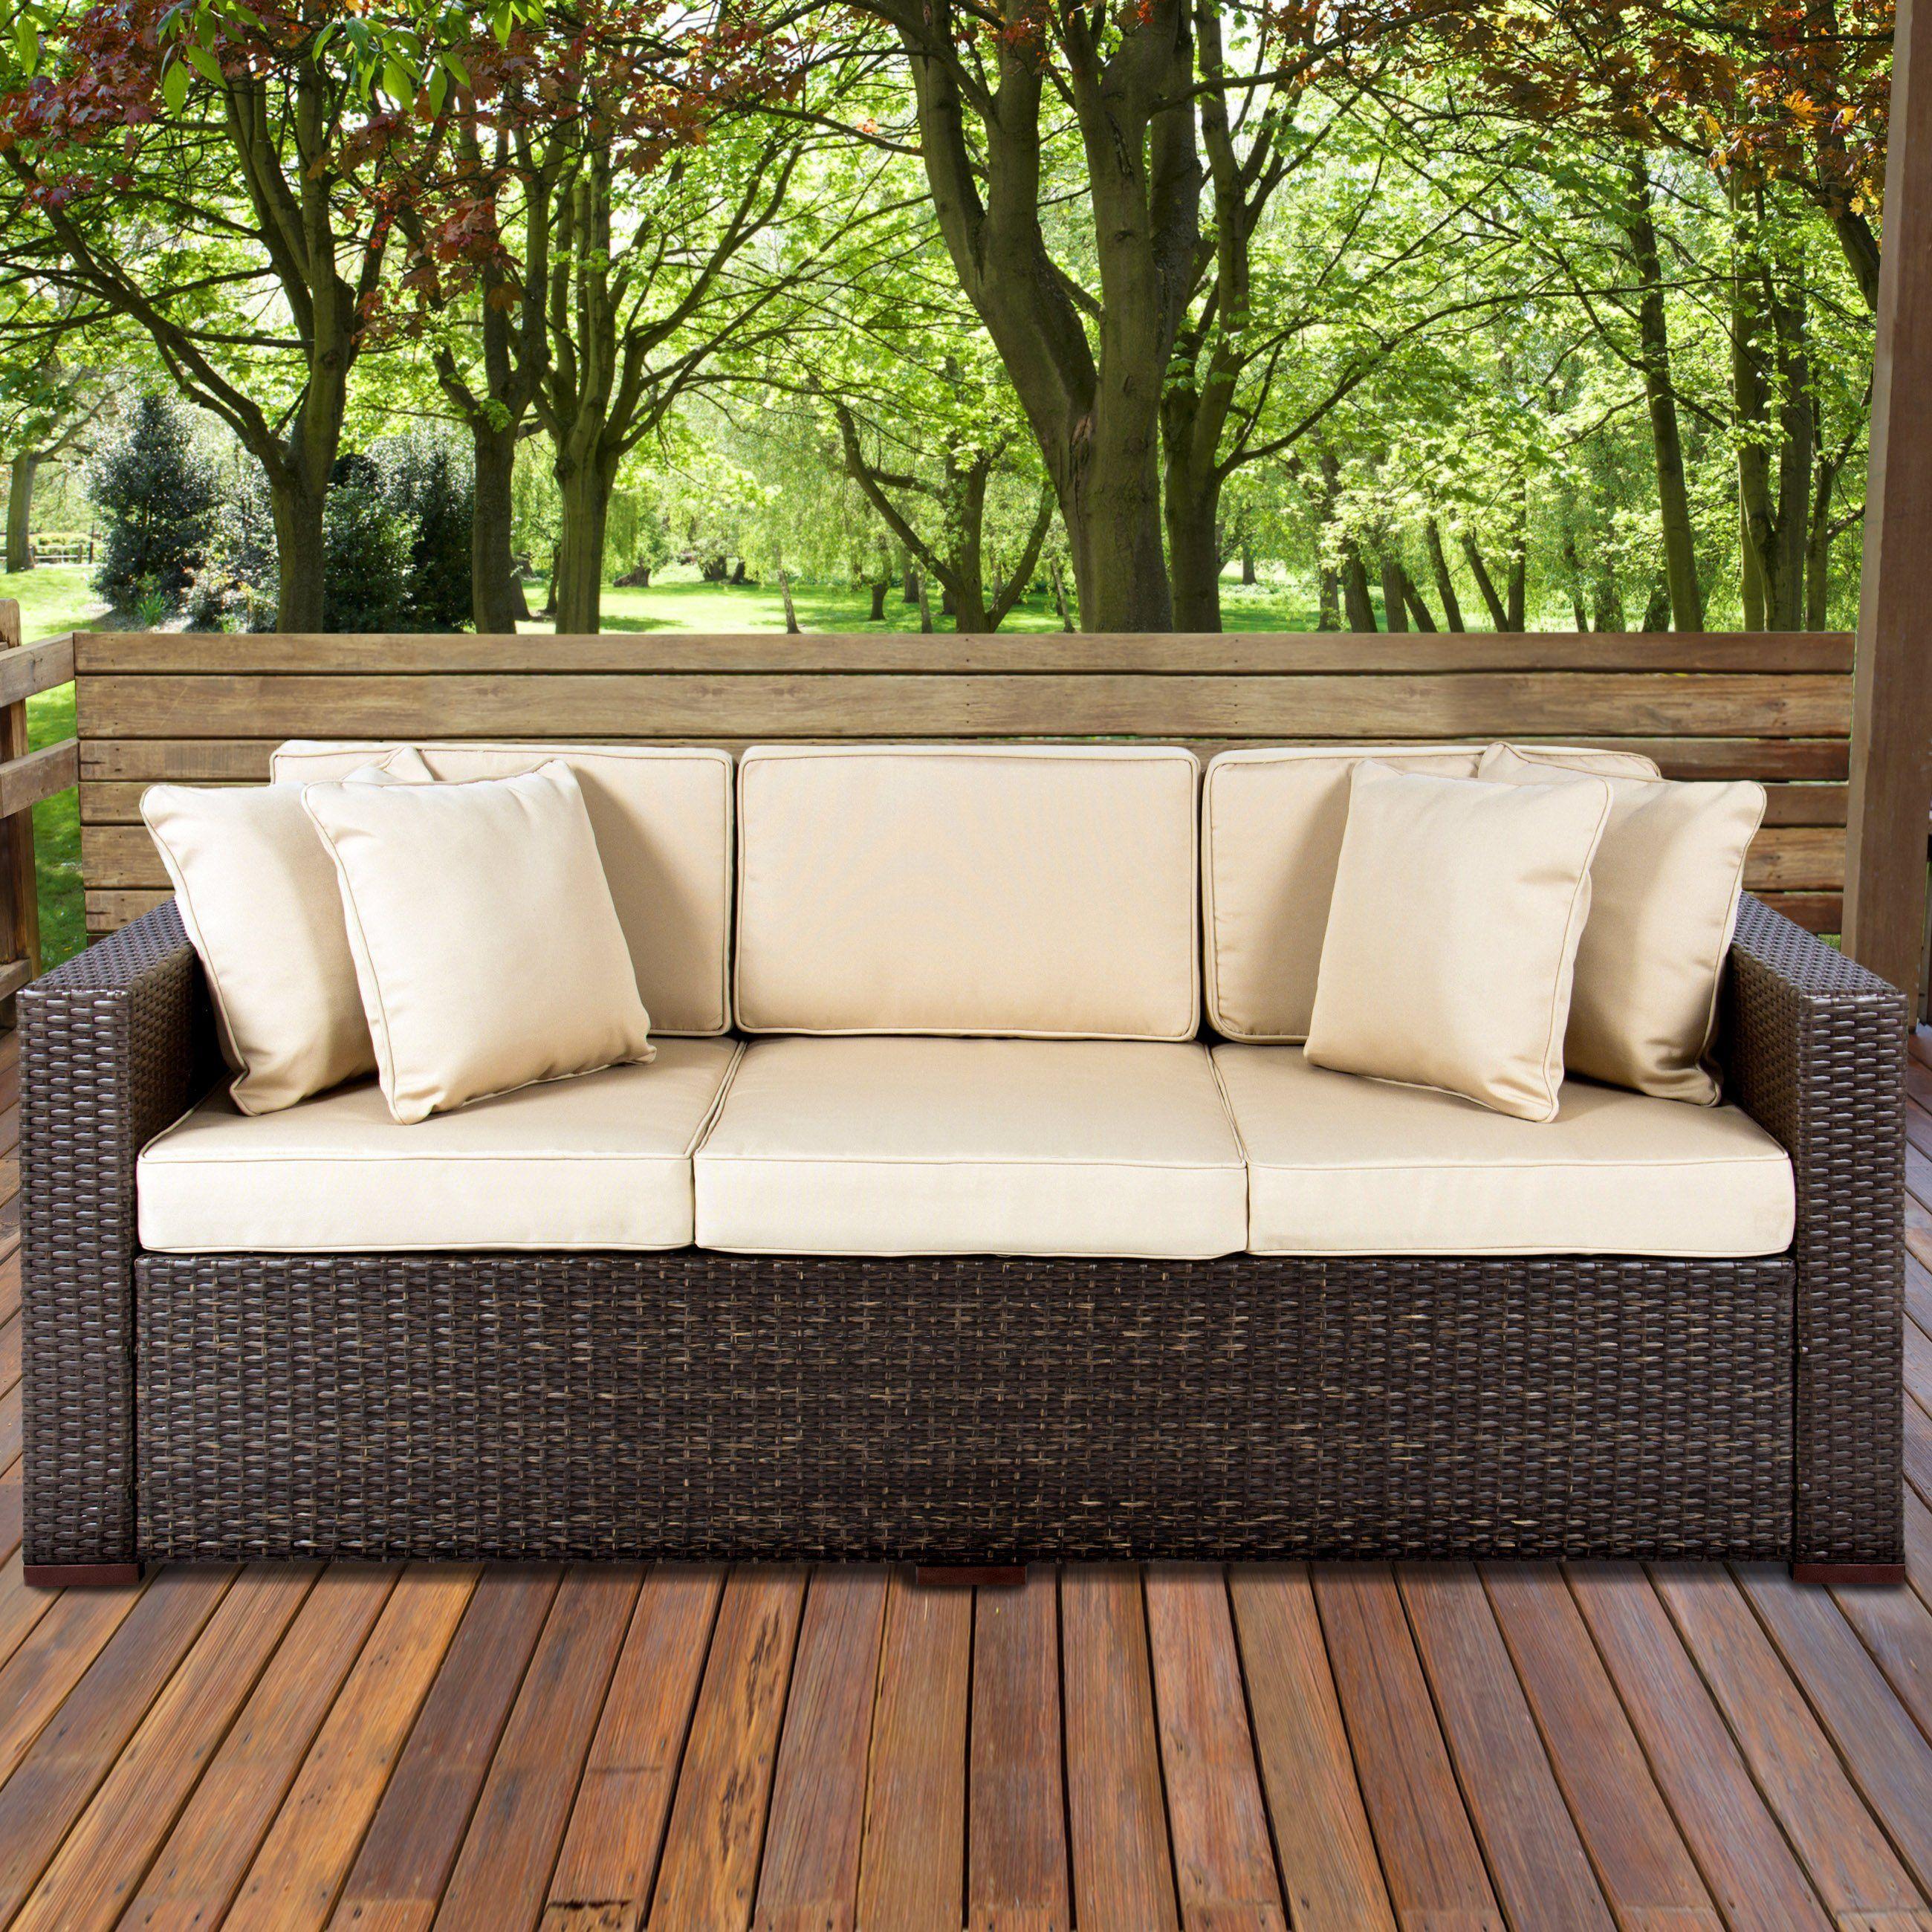 Outdoor Wicker Patio Furniture Sofa 3 Seater Luxury Comfort Brown  # Muebles De Jardin Wicker